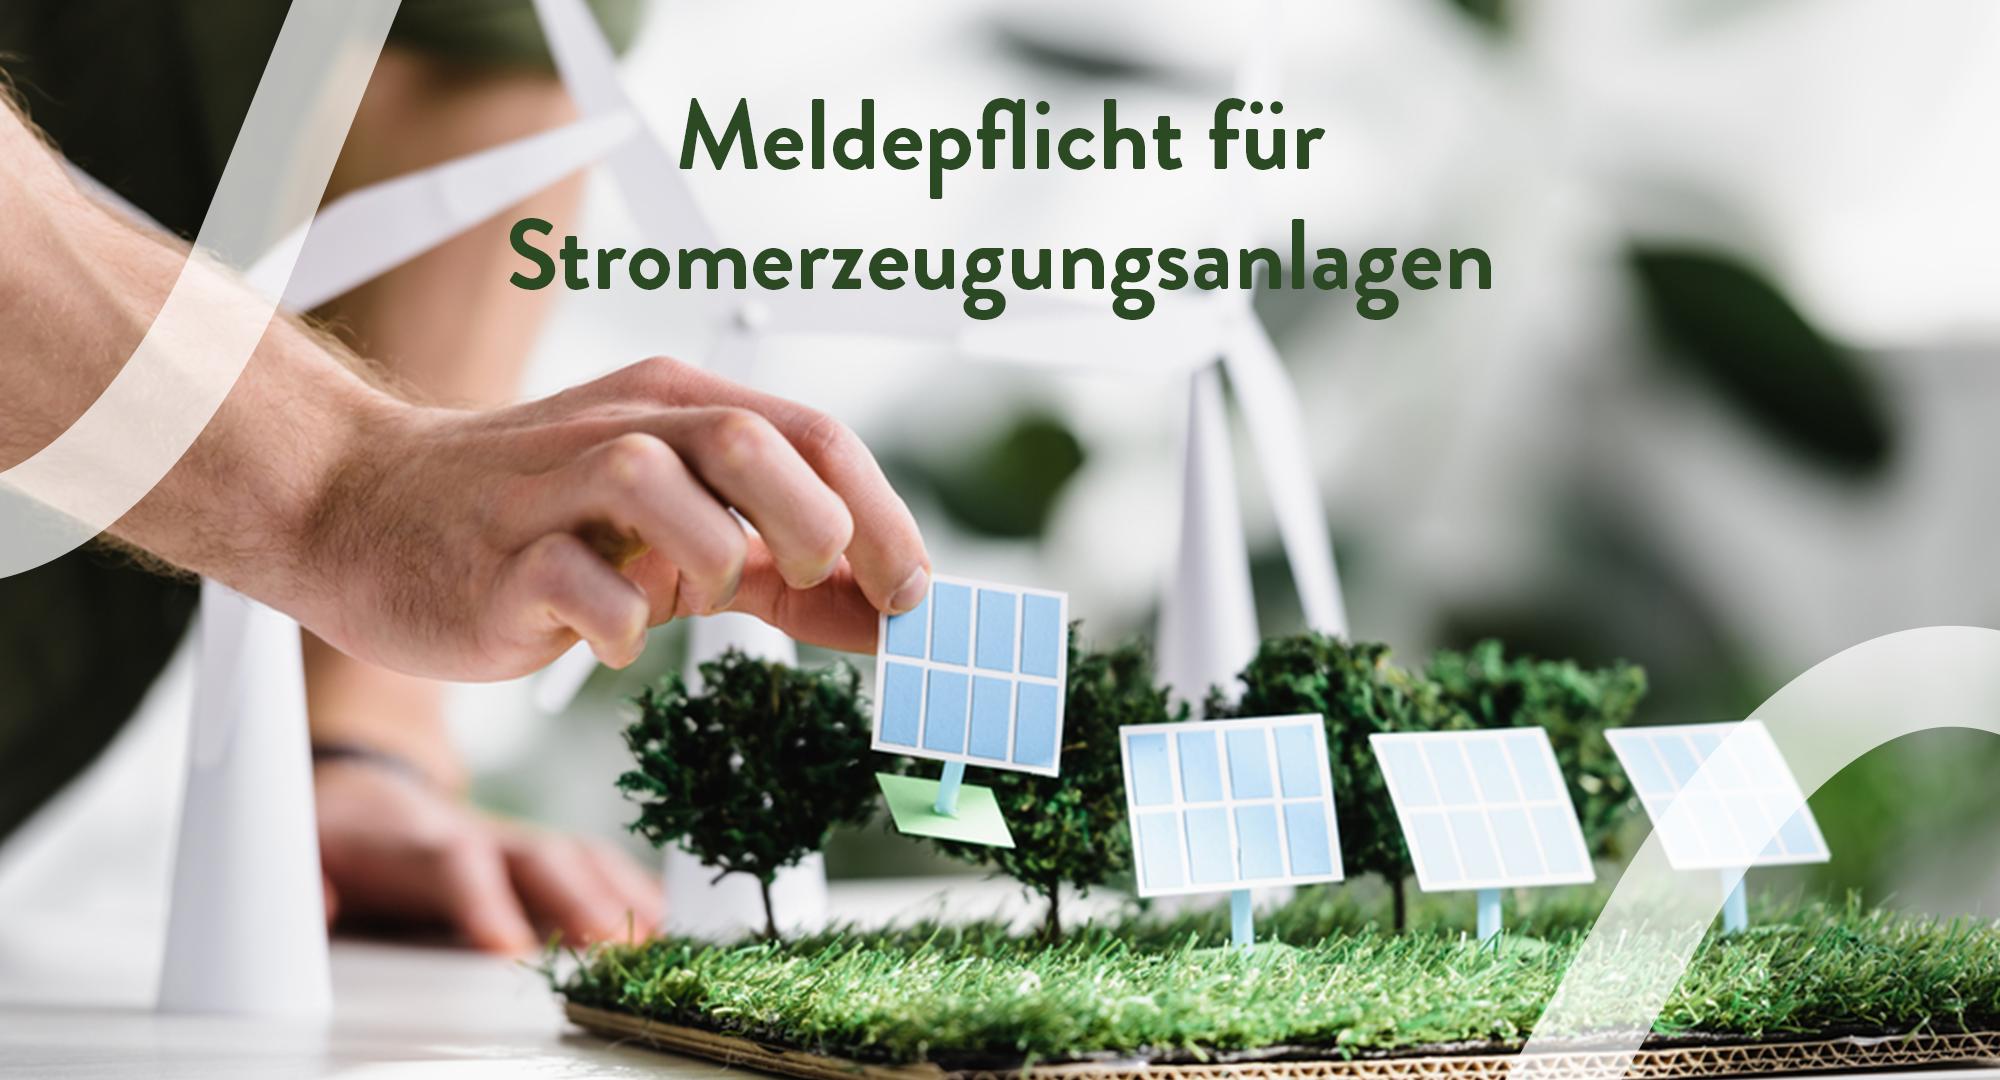 Modell einer Photovoltaikanlage mit dem Hinweis zur Meldepflicht von Stromerzeugungsanlagen